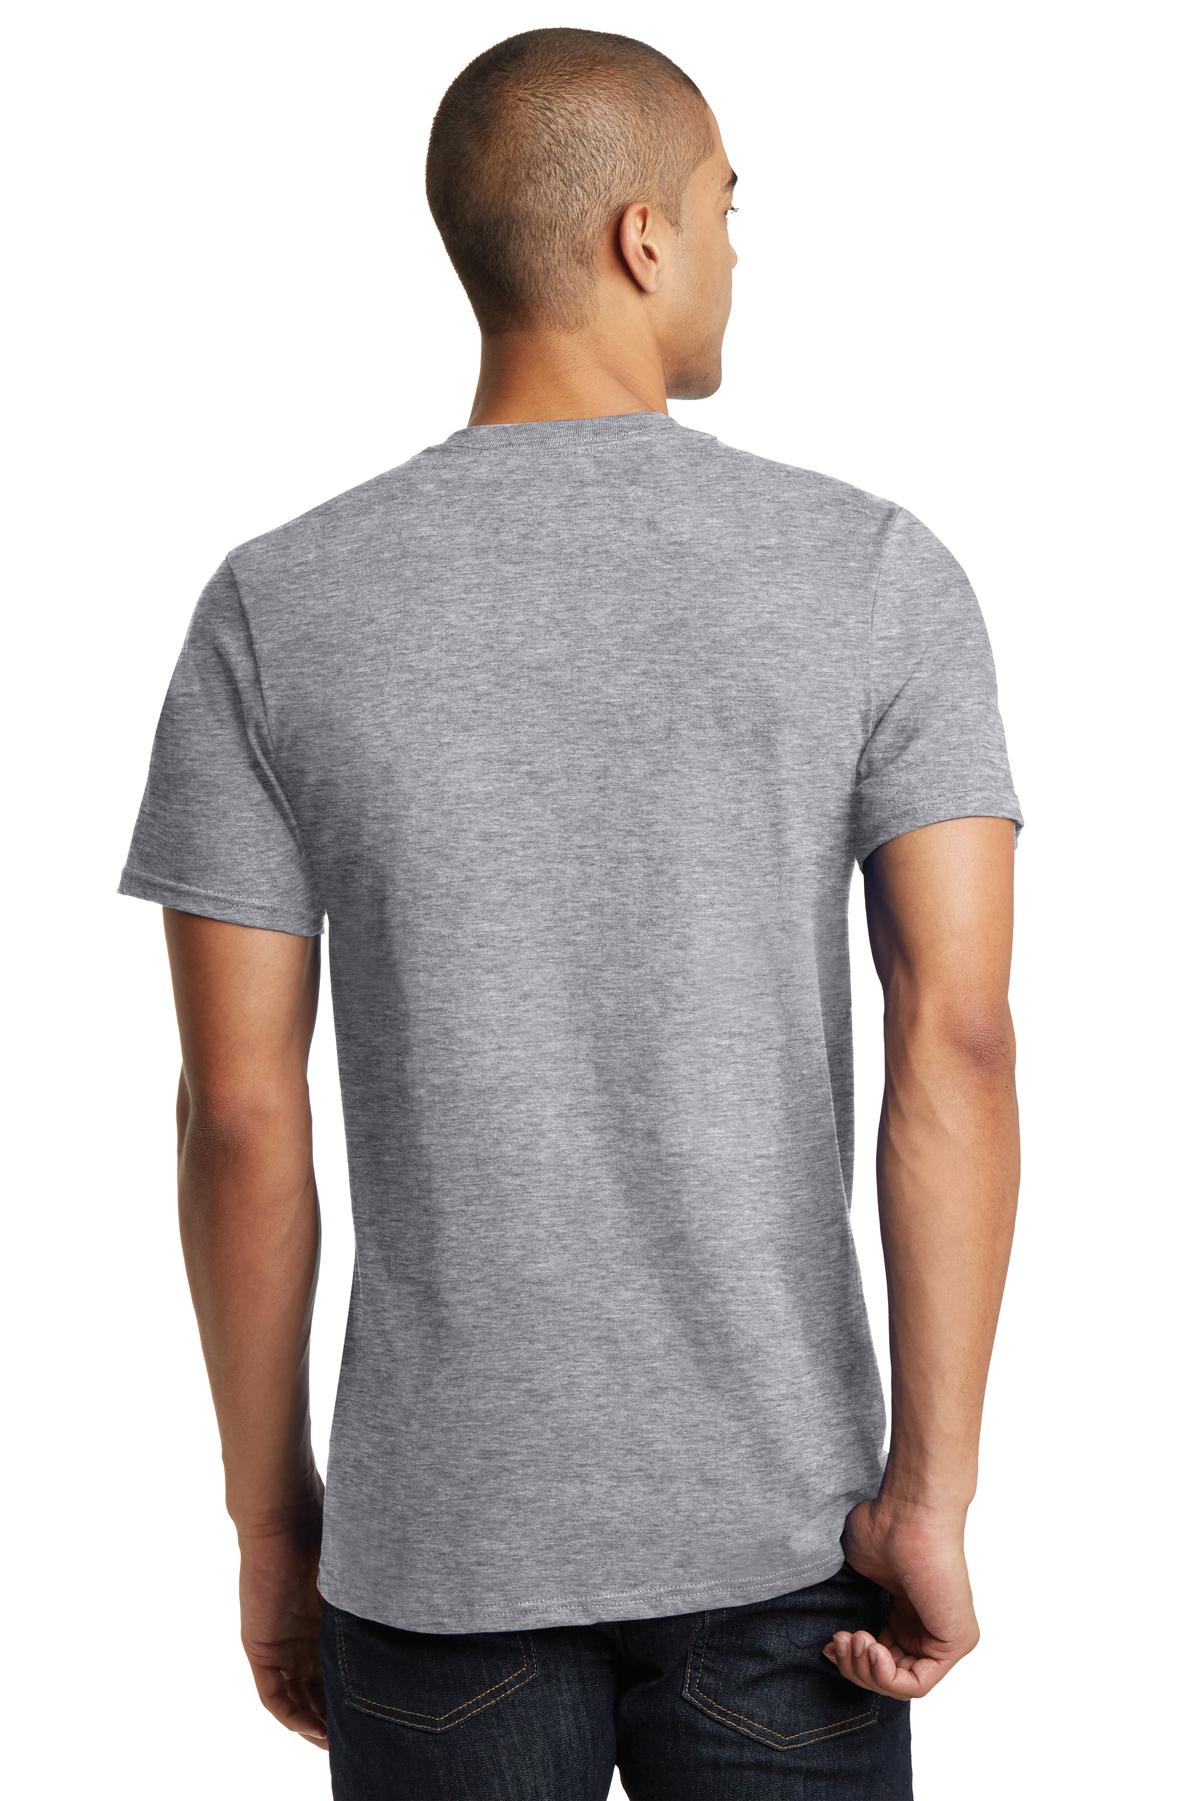 White V Neck T Shirt Mens